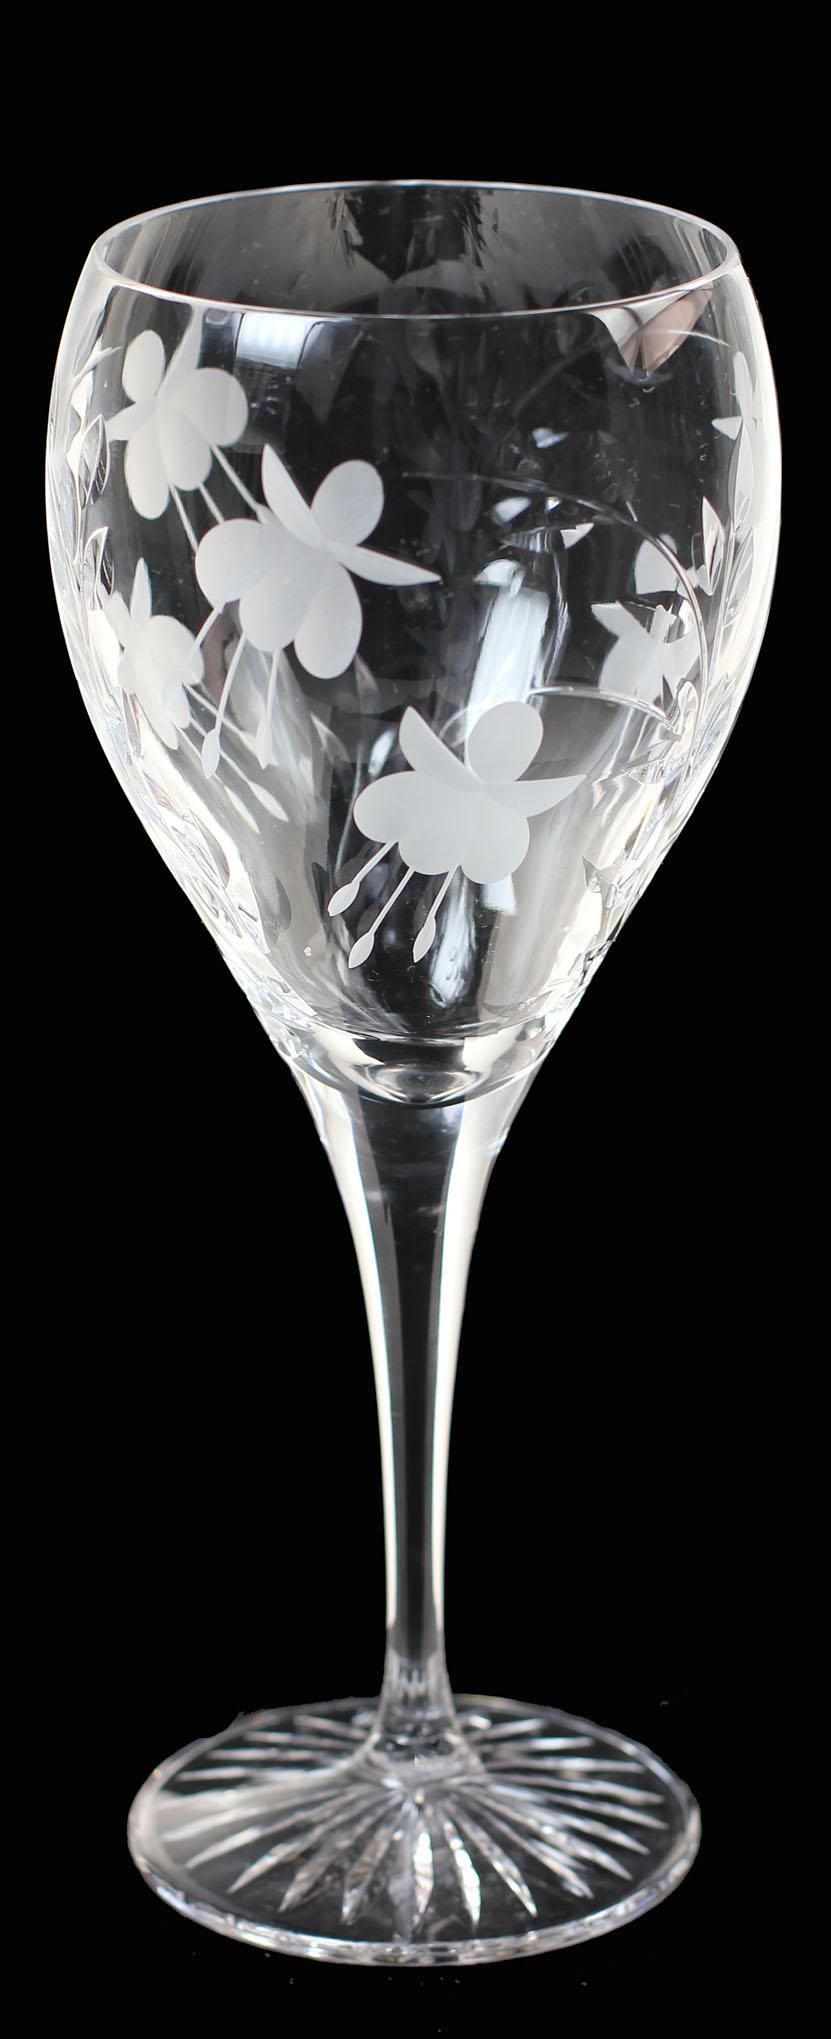 Executive Cascade Goblet / Gin Glass